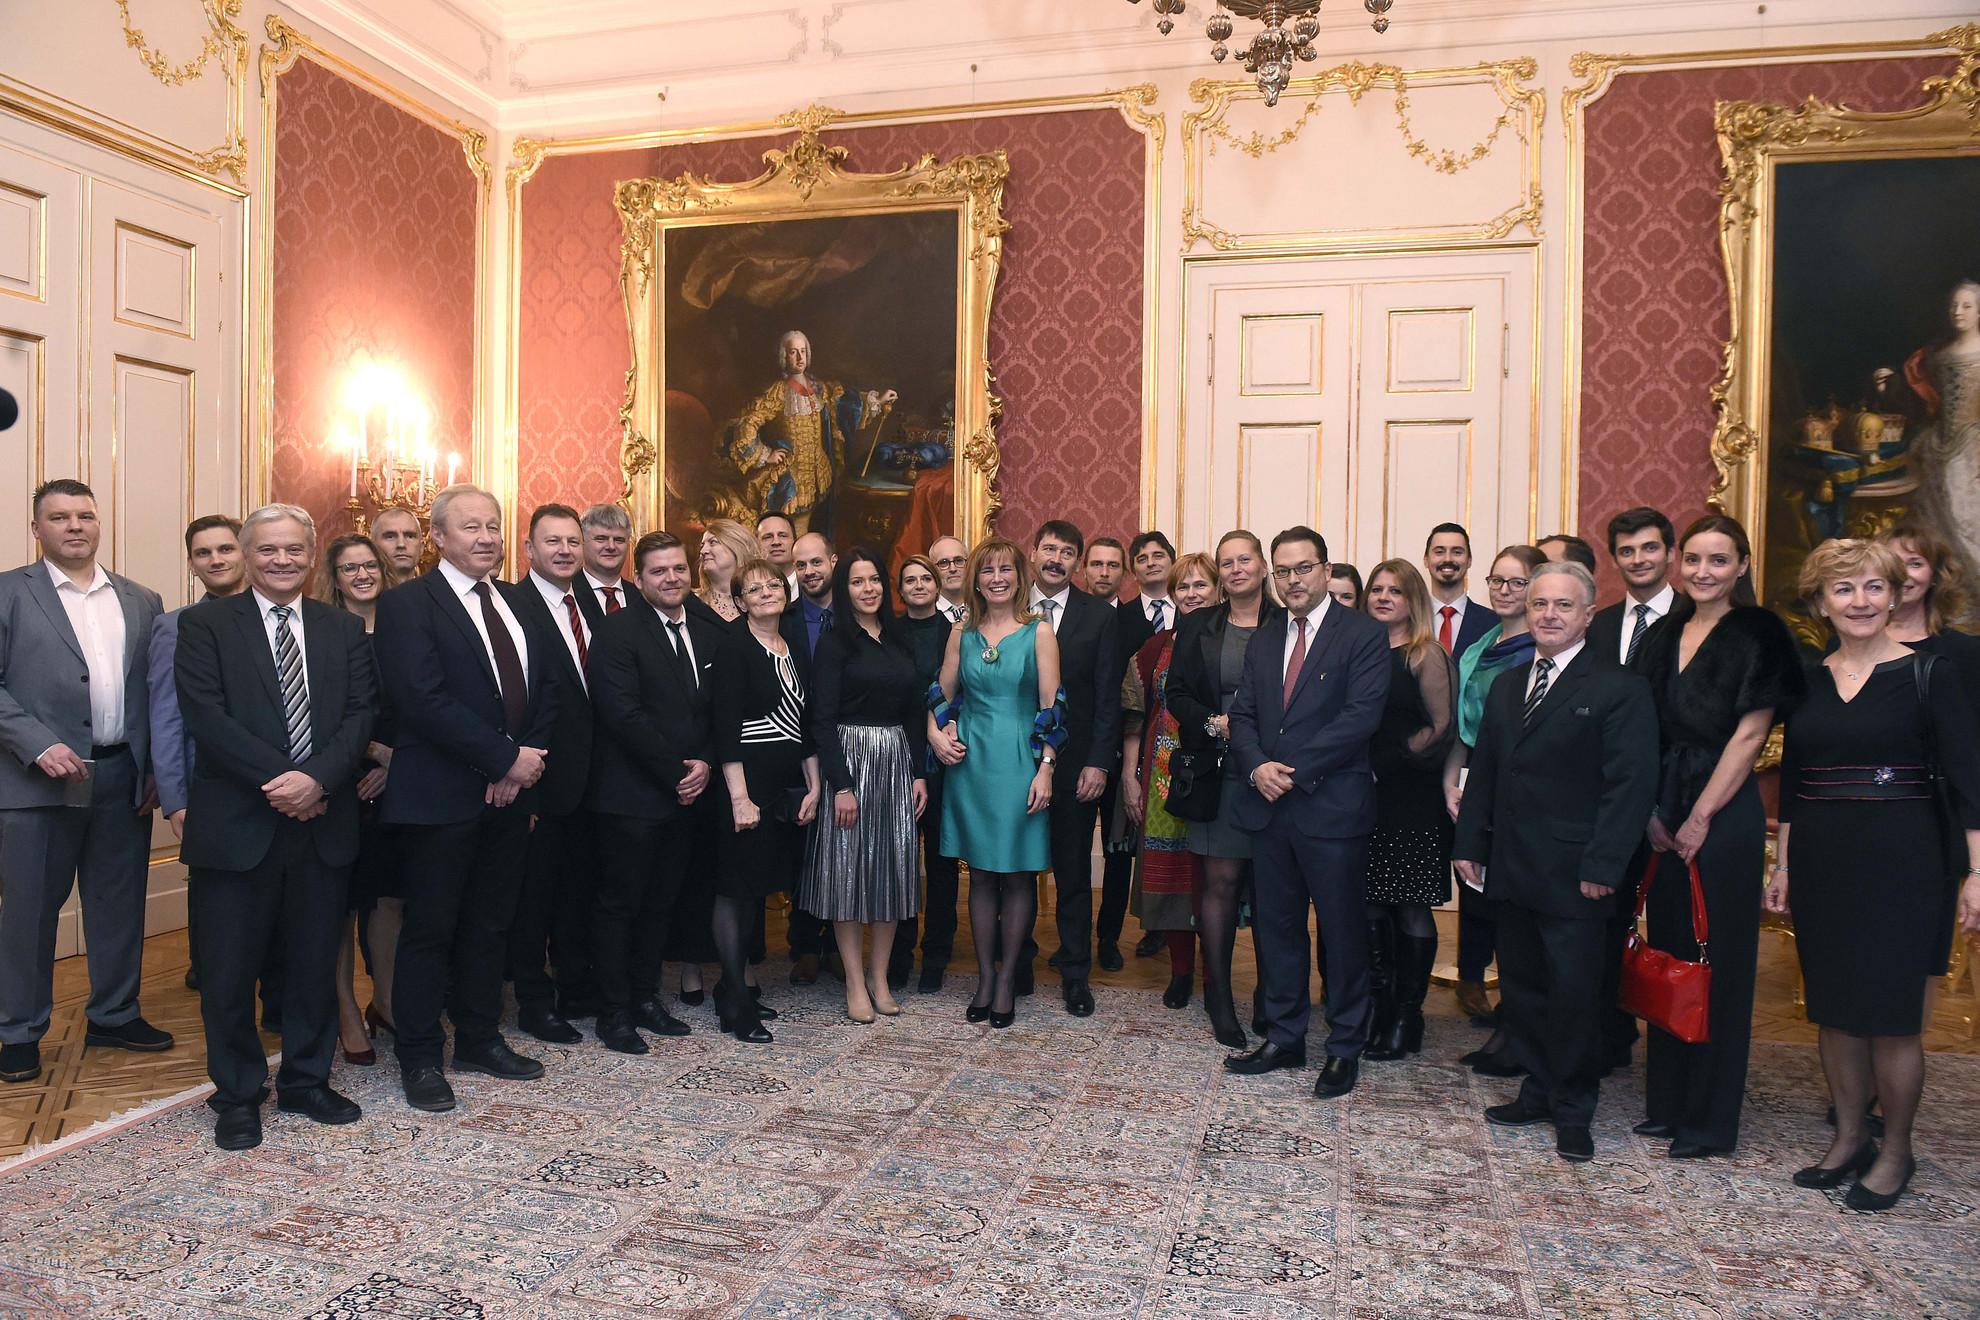 A csoportképen többek között Áder János köztársasági elnök (k) és felesége, Herczegh Anita, valamint Csókay András (elöl, b1) és Hudák István idegsebészek (elöl, b2), illetve Pataki Gergely plasztikai sebész (elöl, j2) a Sándor-palotában